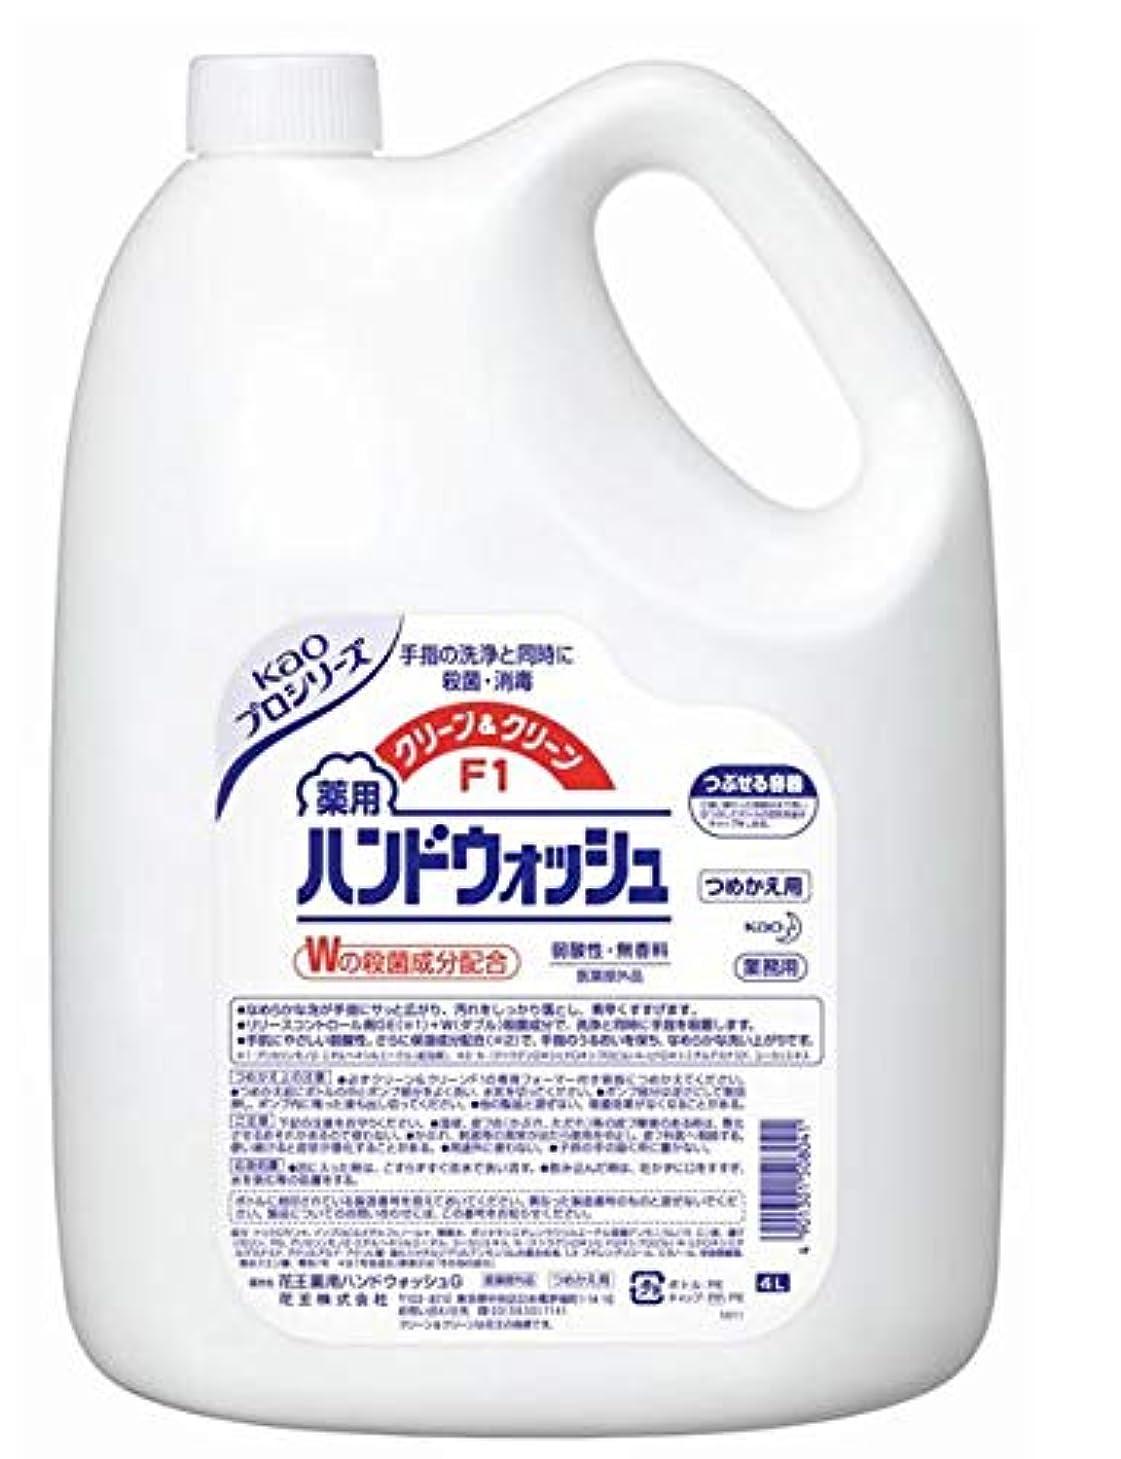 花王 クリーン&クリーンF1 薬用ハンドウォッシュ 4リットル 3缶セット